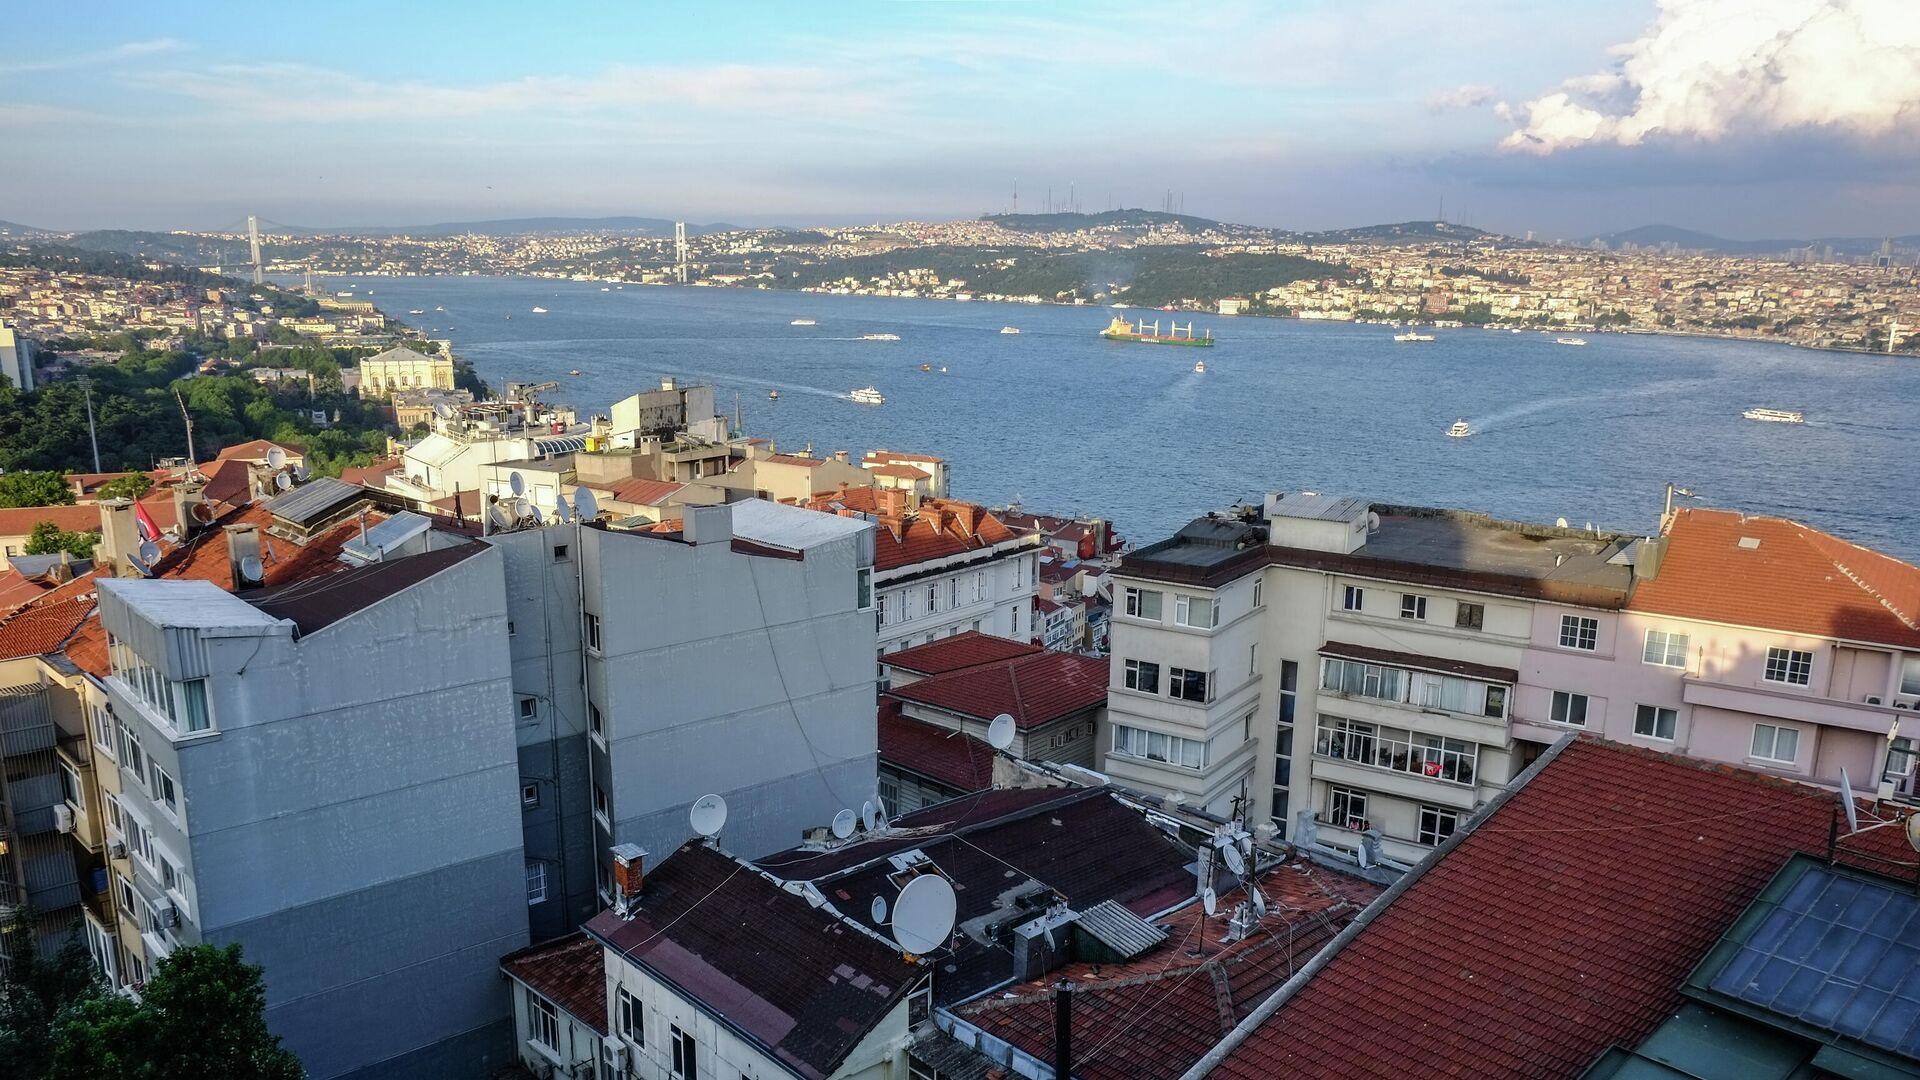 Пролив Босфор в Стамбуле - РИА Новости, 1920, 04.08.2021